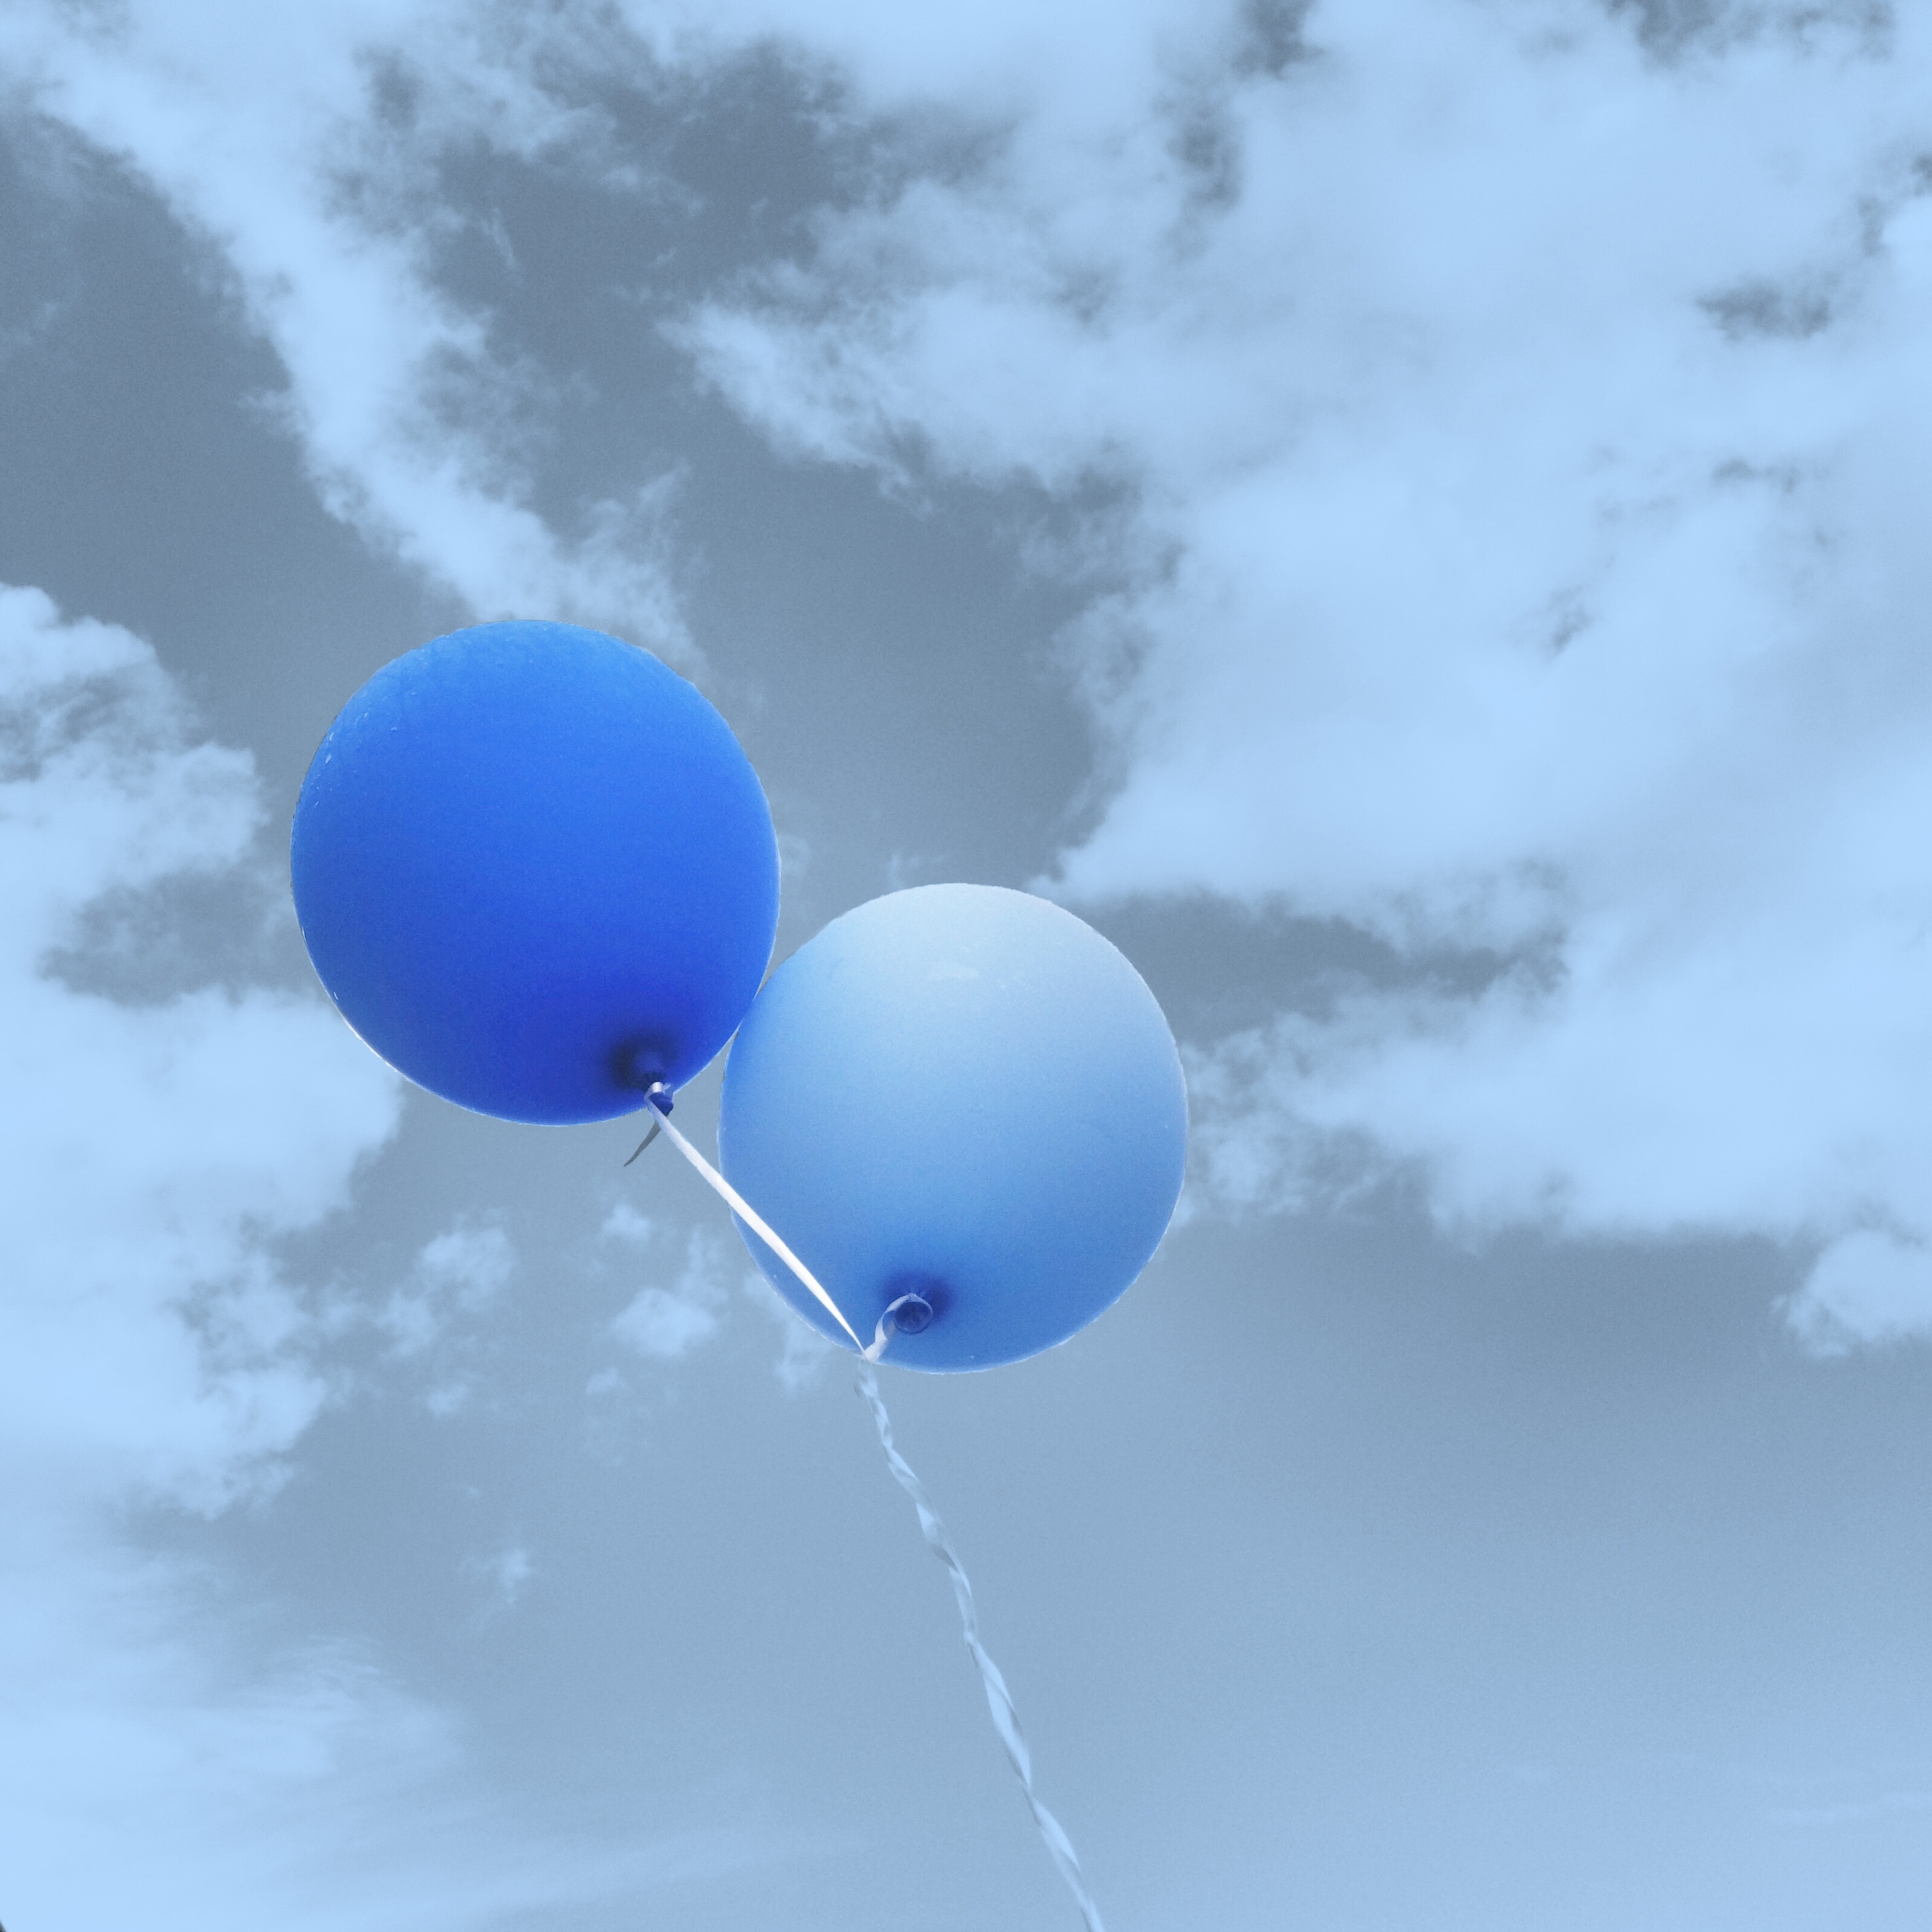 118480 скачать обои Разное, Полет, Небо, Облака, Воздушные Шары - заставки и картинки бесплатно